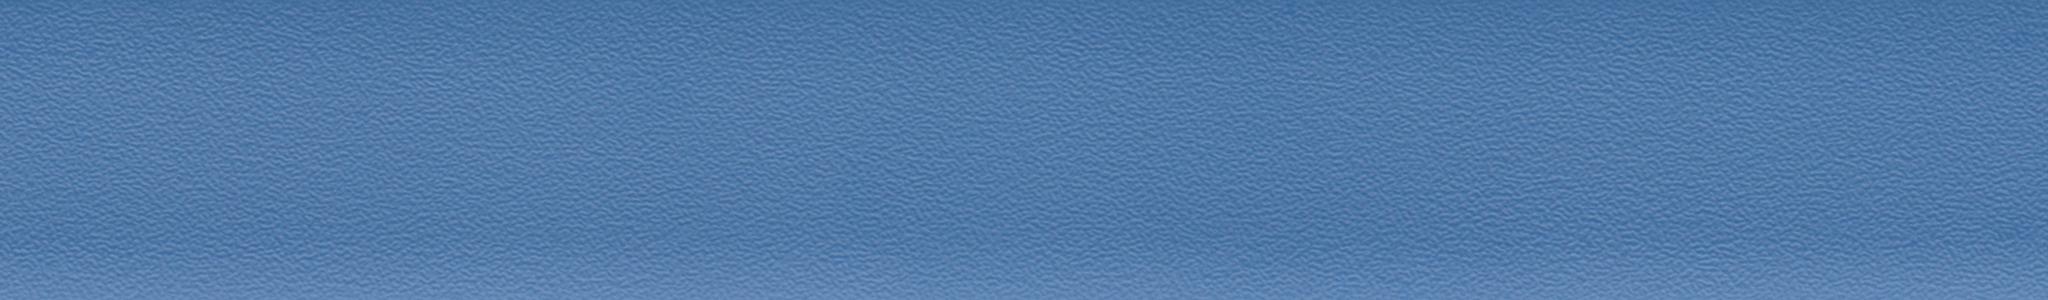 HU 15539 ABS Edge Blue Pearl 101